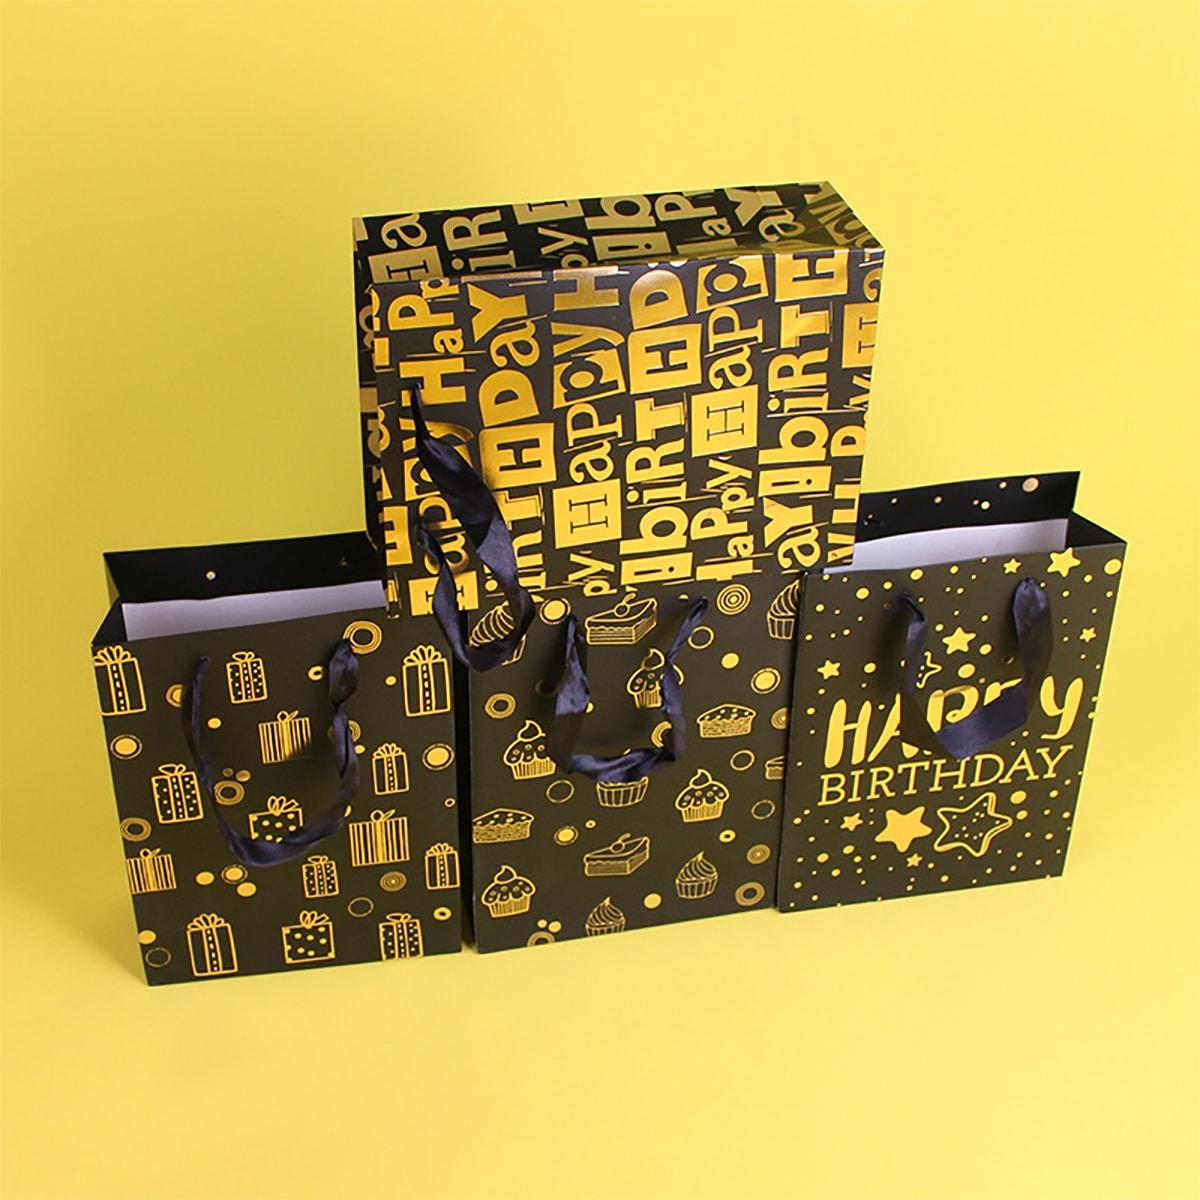 4шт Подарочная сумка на день рождения с рисунком